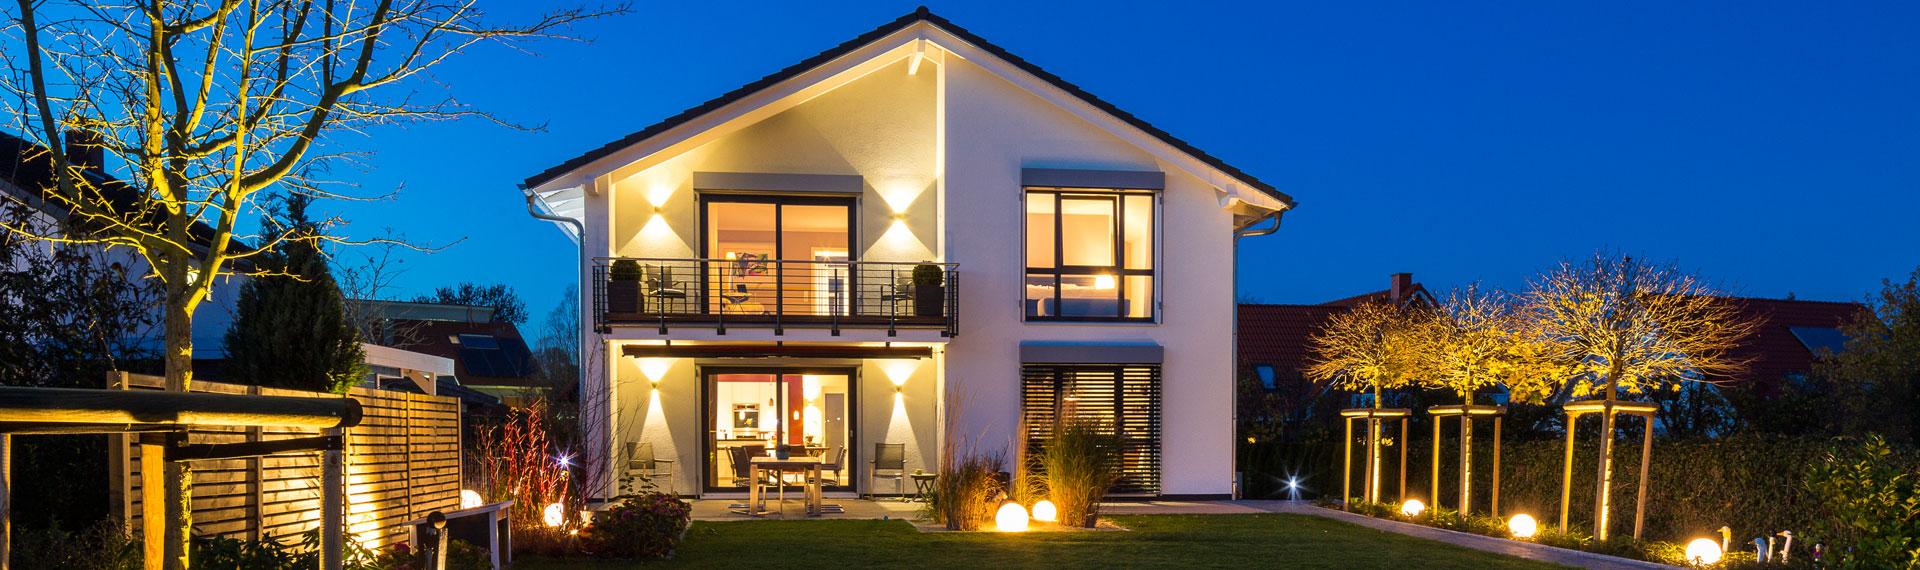 Haus Von Draussen Nachts